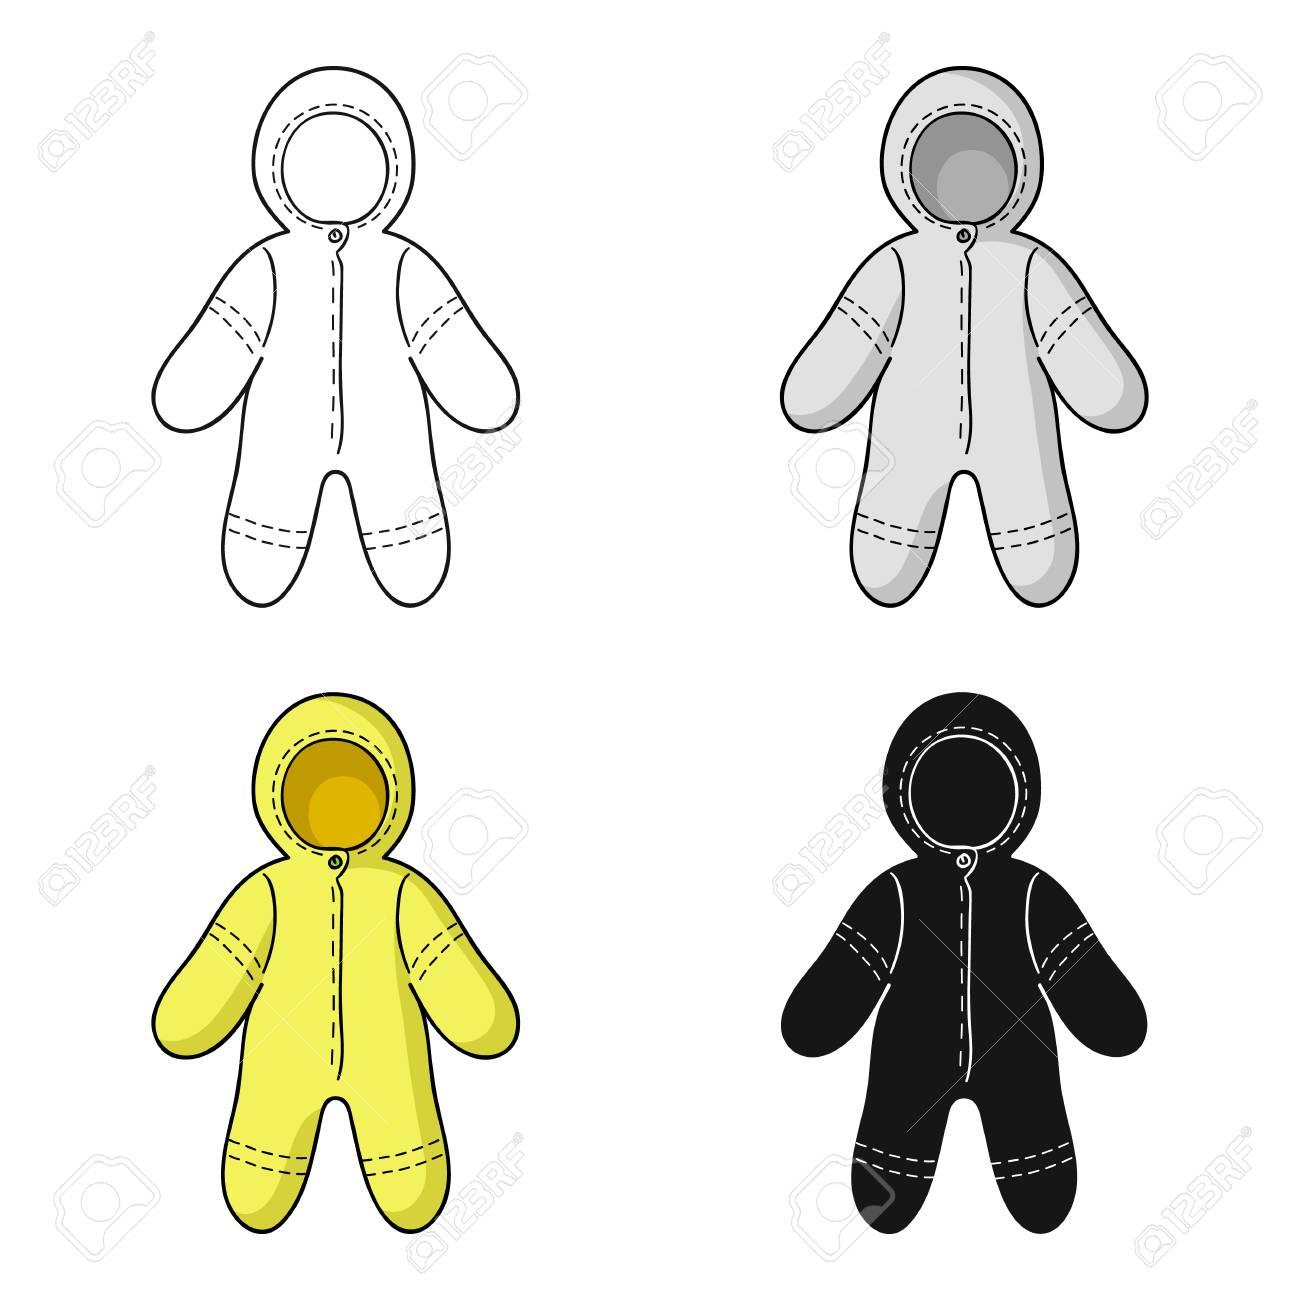 Banque d images - Icône de body pour bébé en style dessin animé isolé sur  fond blanc. Illustration vectorielle symbolisée par un bébé né. 05d52b05dd2